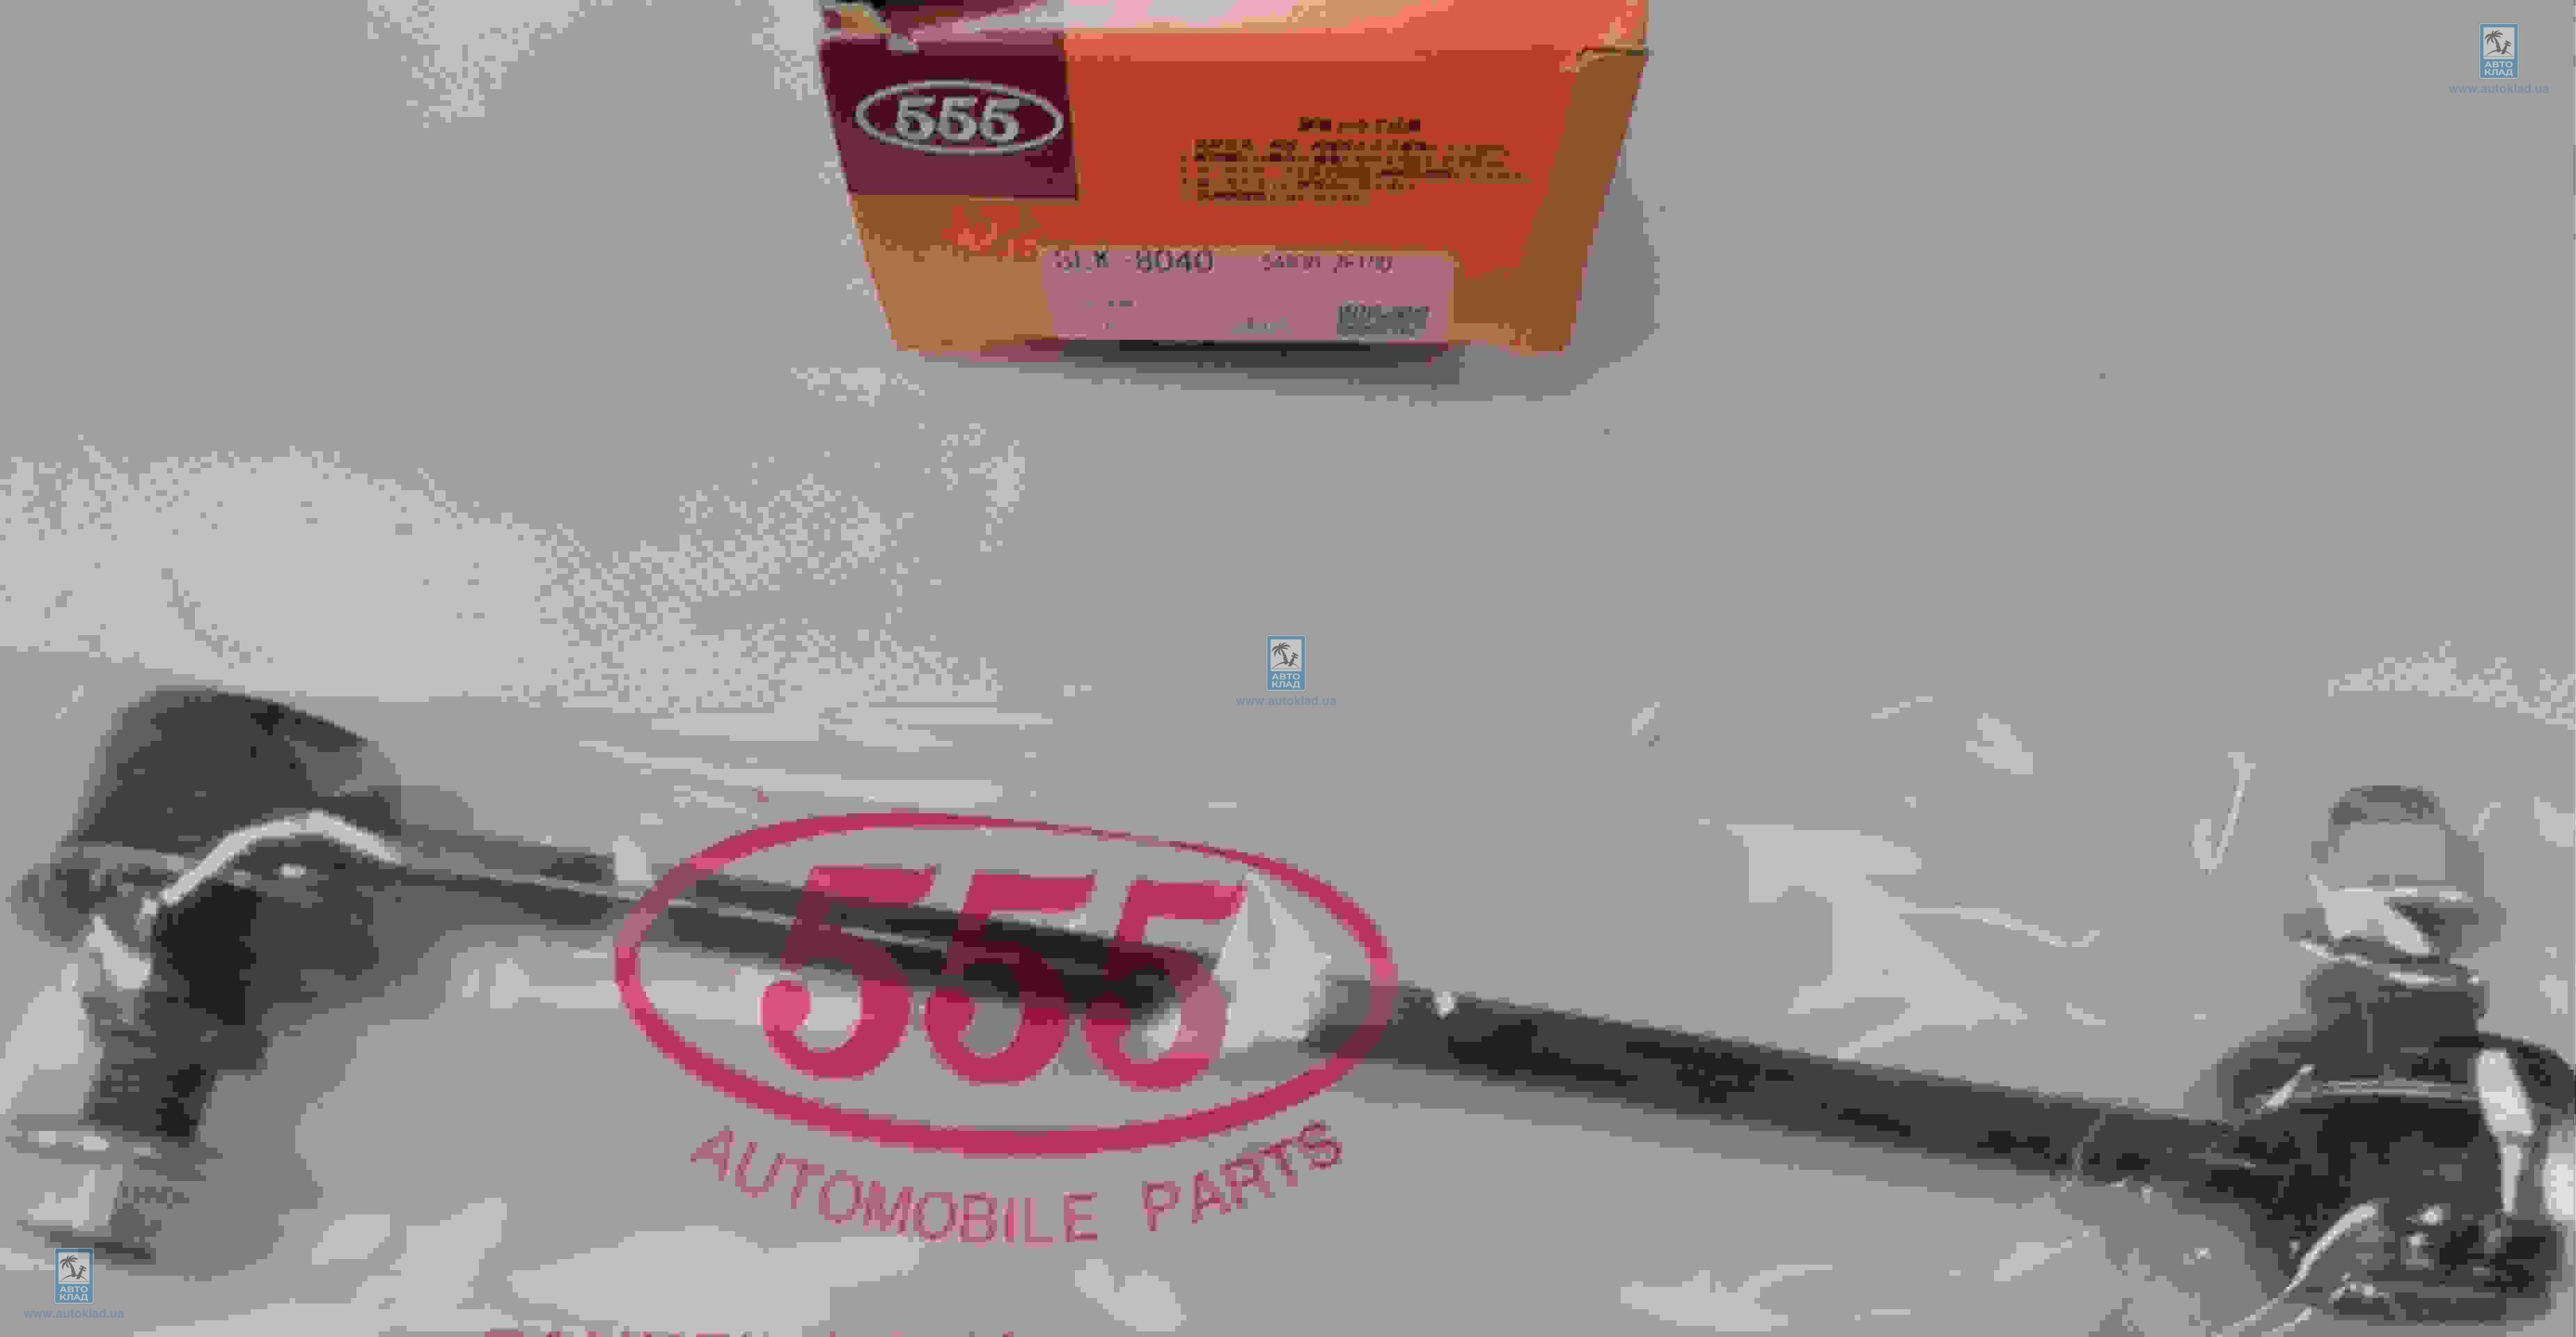 Стойка стабилизатора 555 SLK-8070